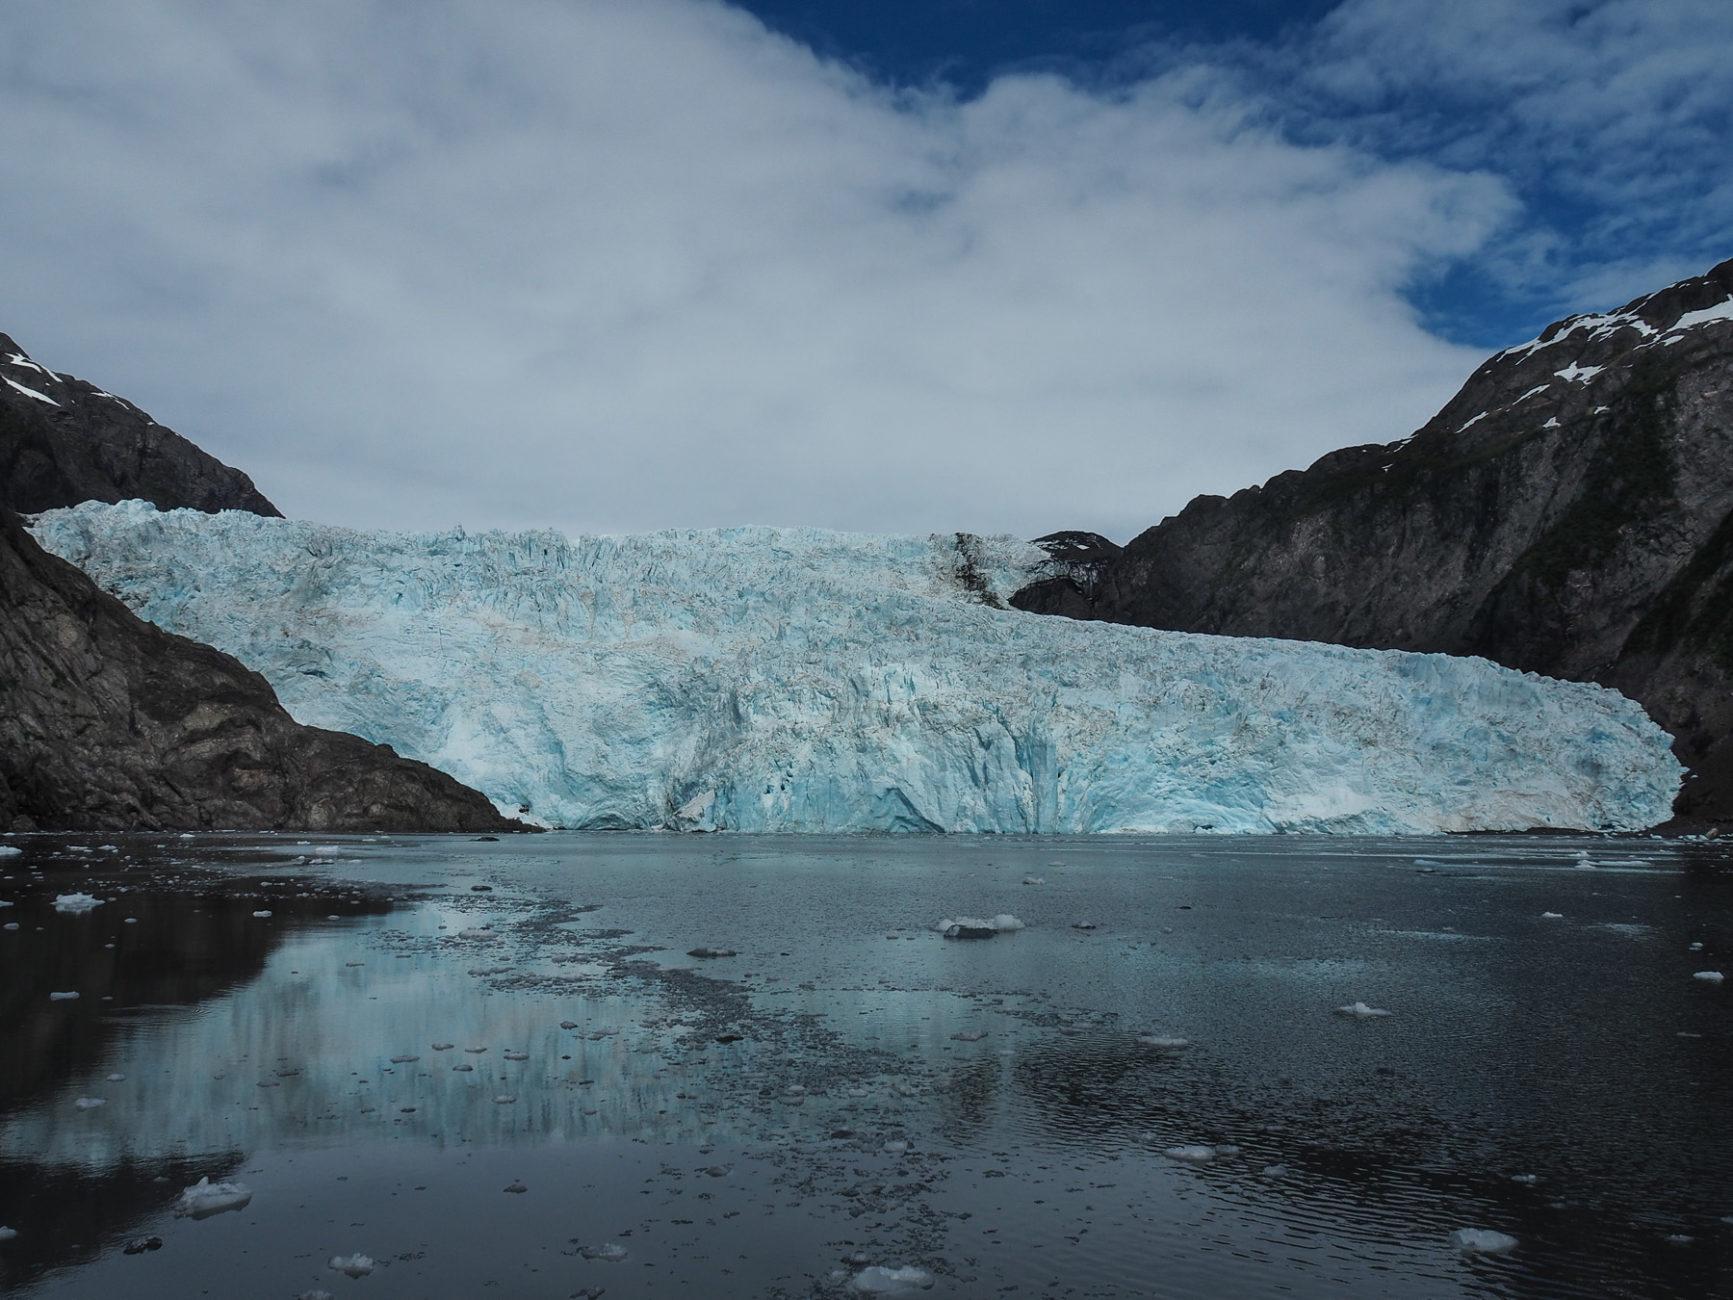 beeindruckender Gletscherabbruch ins Meer